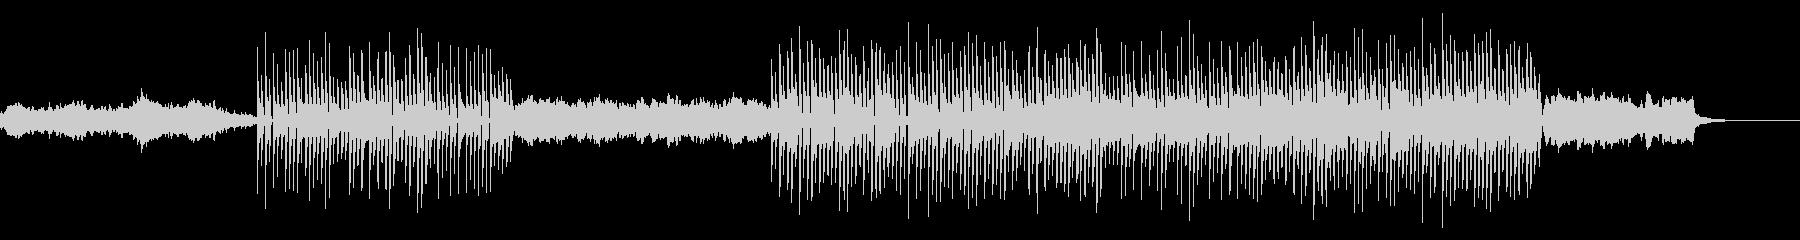 シンセのデモみたいな音楽の未再生の波形